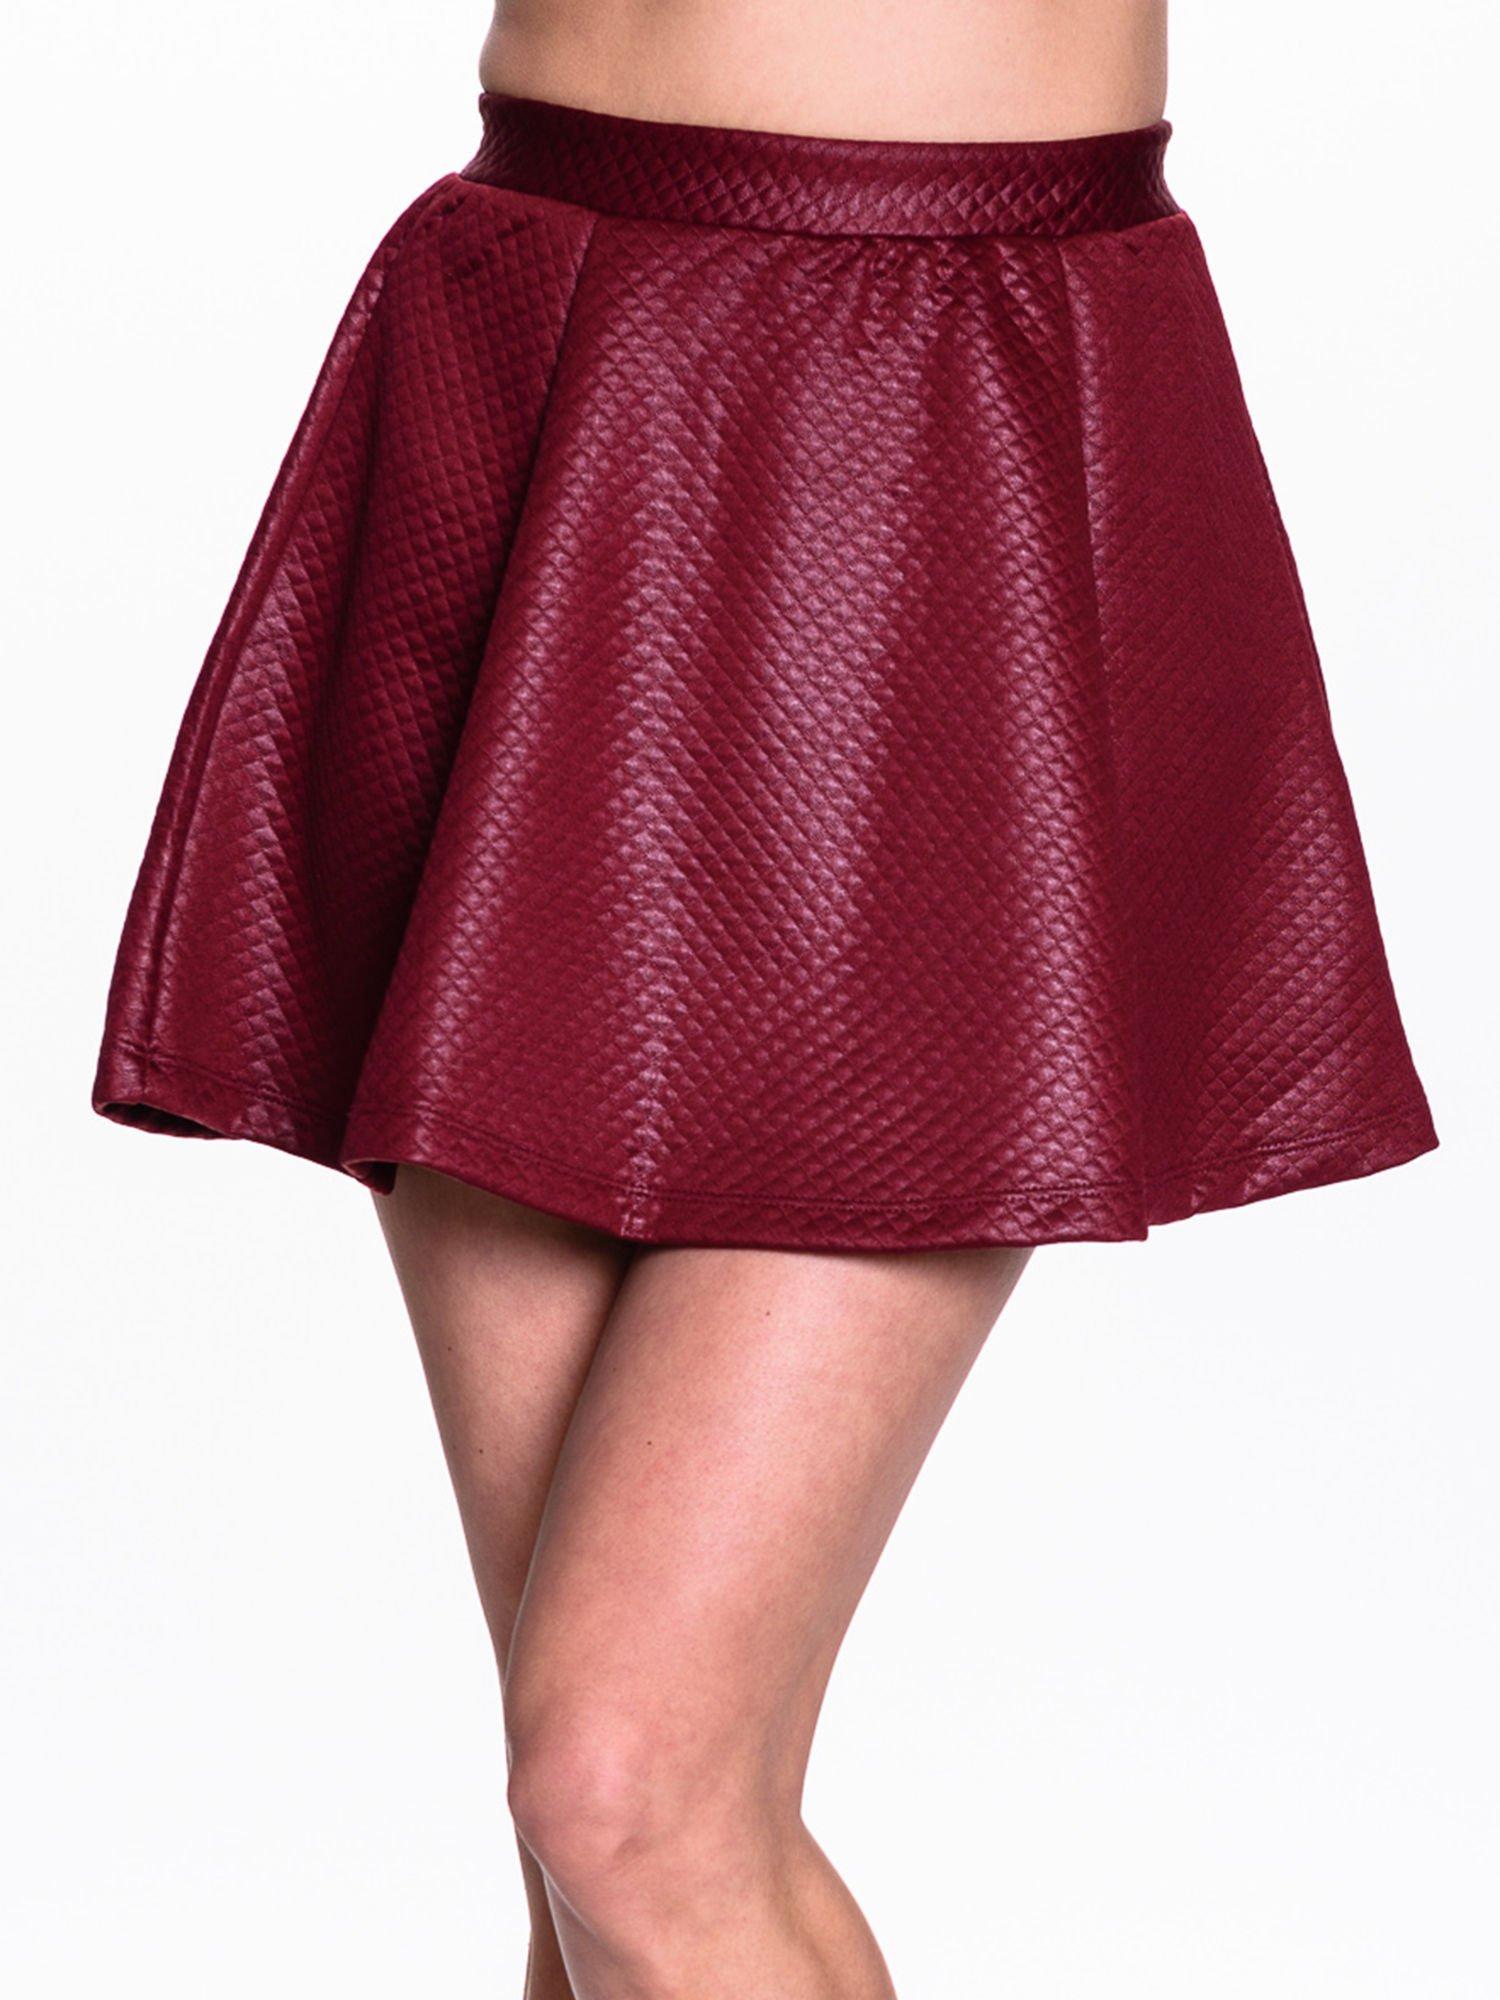 Bordowa pikowana spódnica mini ze skóry                                  zdj.                                  5